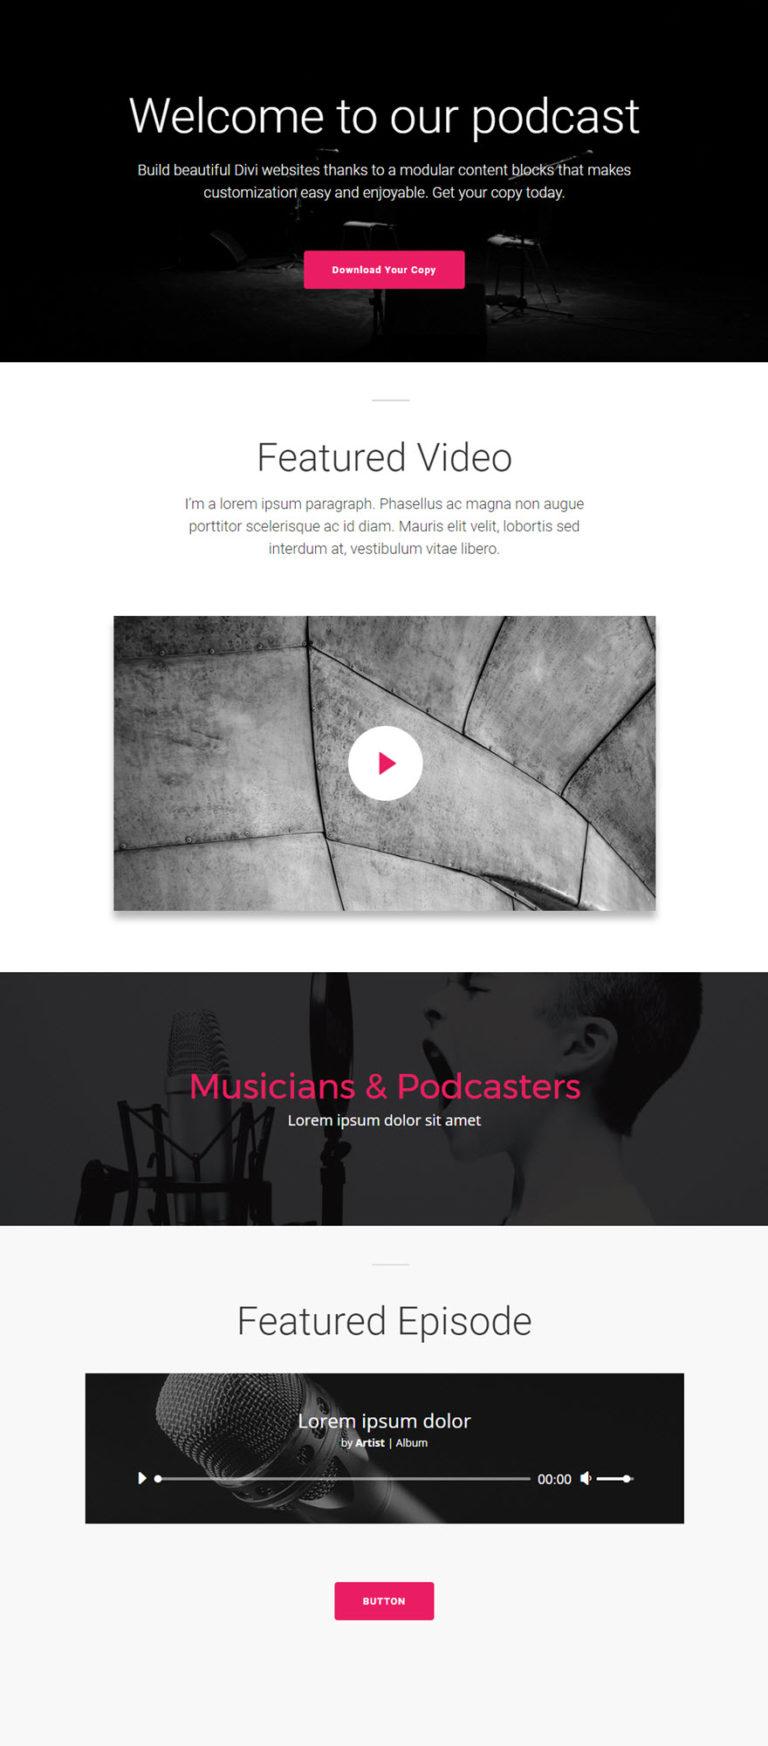 audio-module-use-case-768x1746